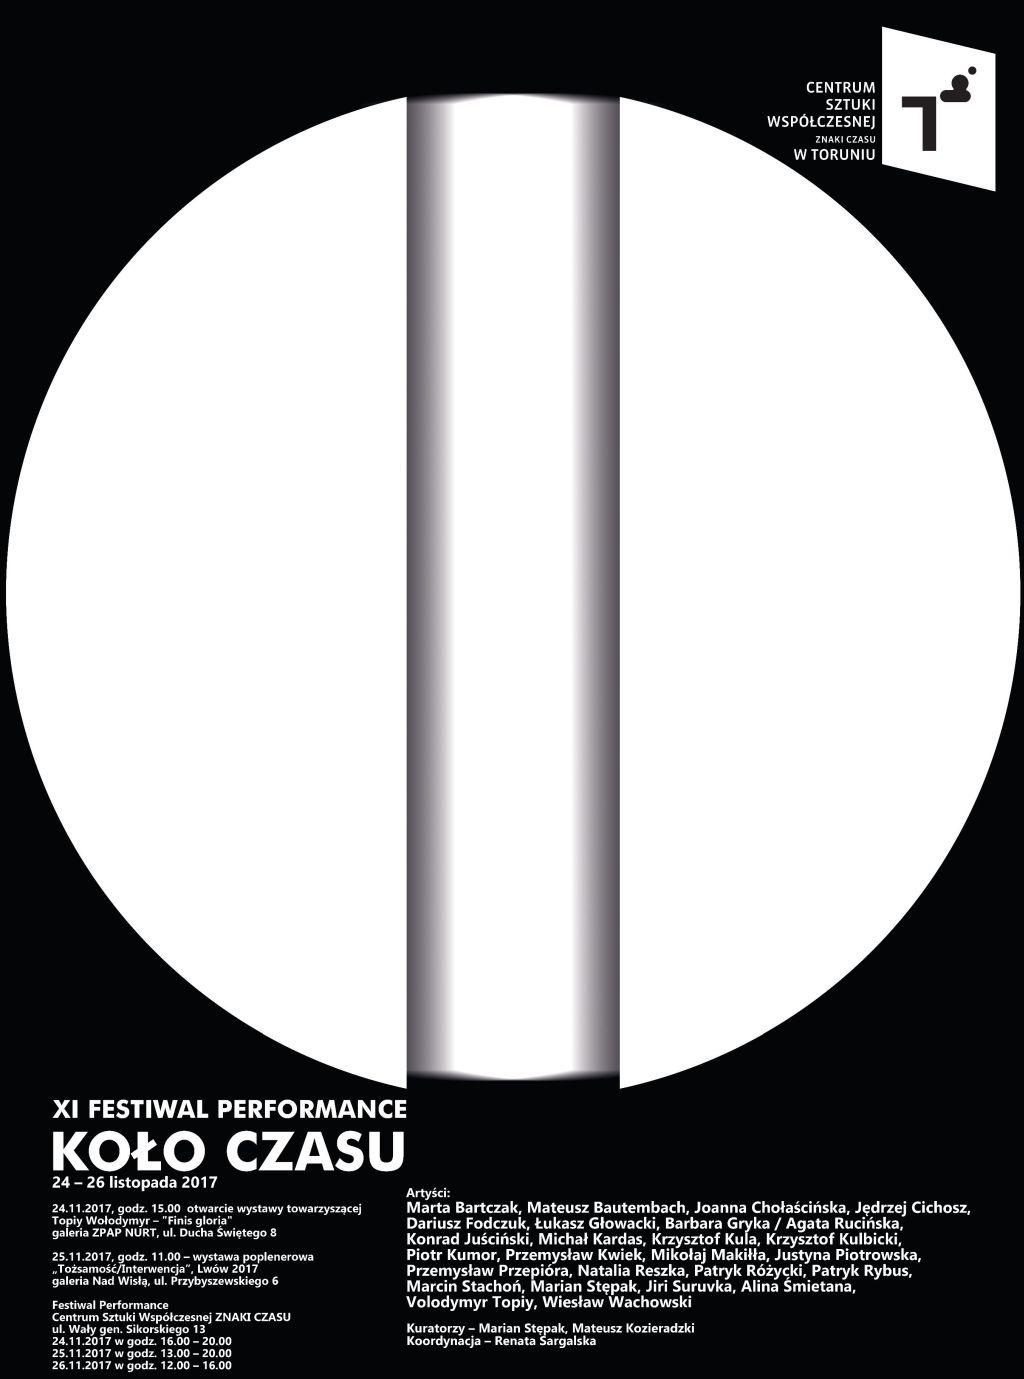 XI Festiwal Performance Koło Czasu (źródło: materiały prasowe organizatora)